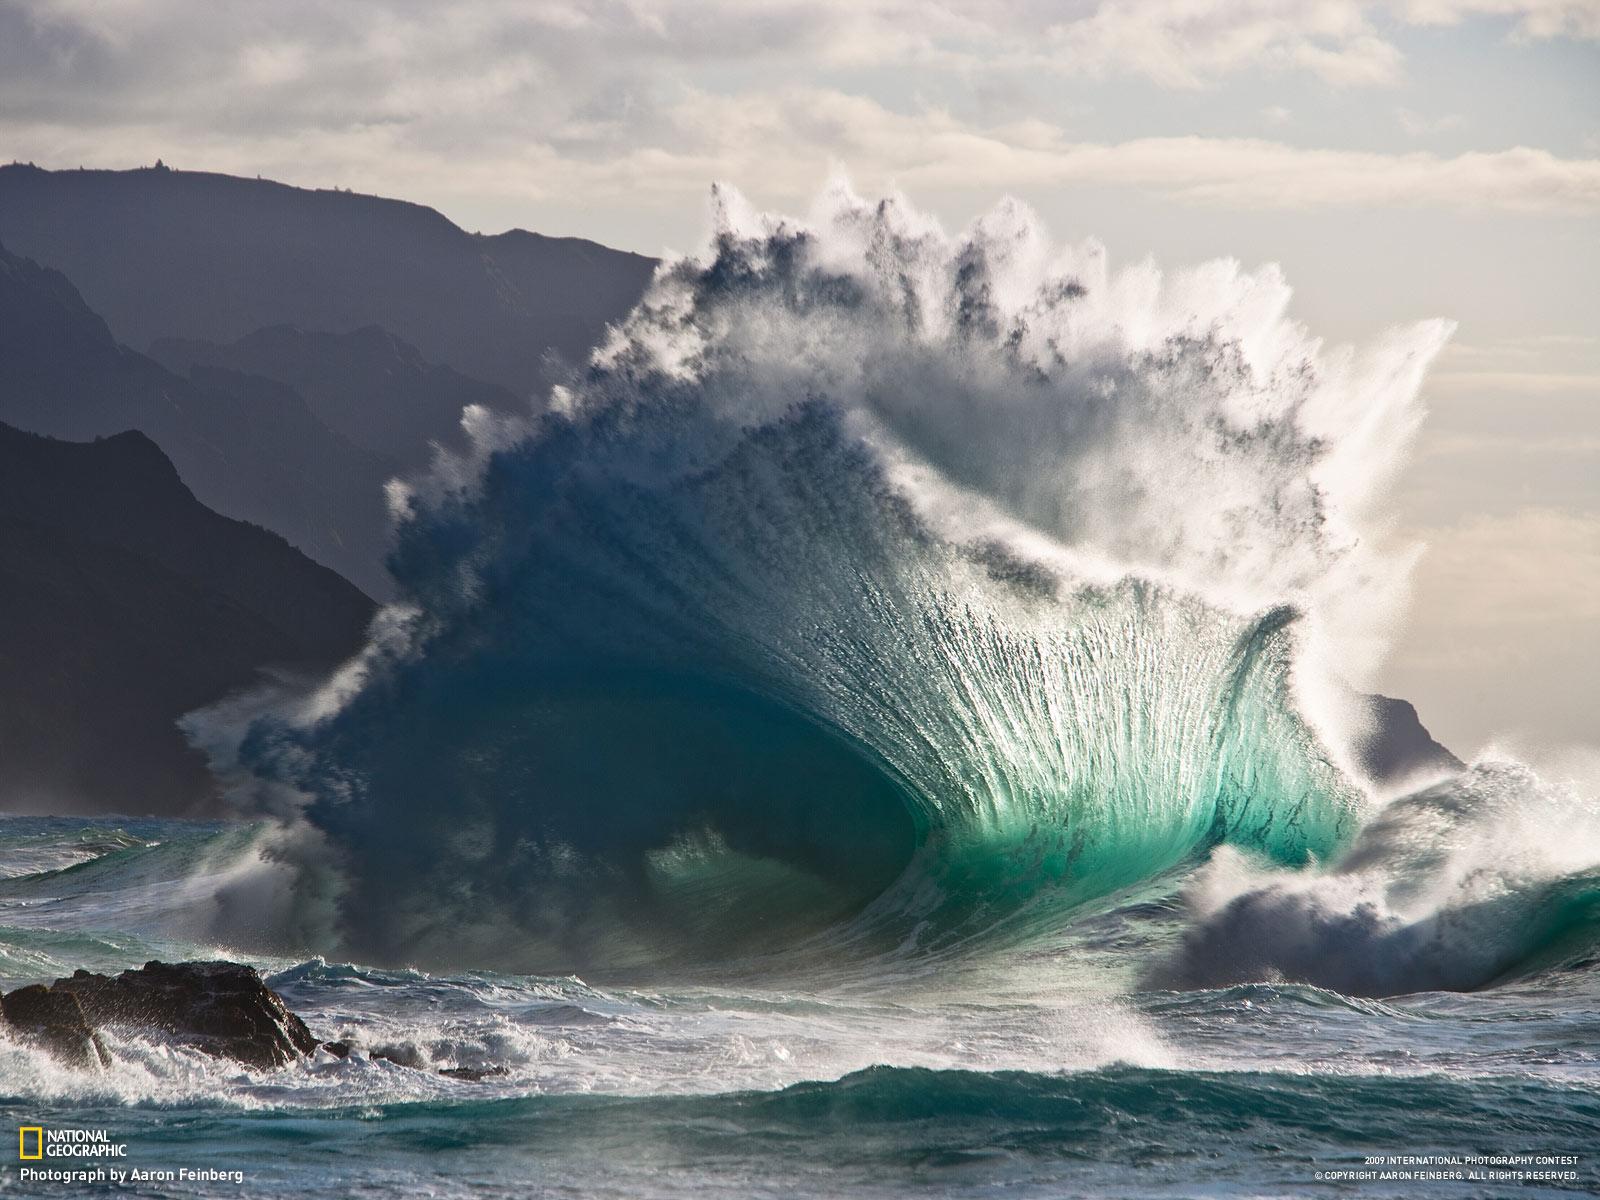 http://1.bp.blogspot.com/_3FTO6EjRbe4/SwxKIamhjuI/AAAAAAAAXaM/_ndg87vyAG4/s1600/1109wallpaper-1_1600+wave.jpg